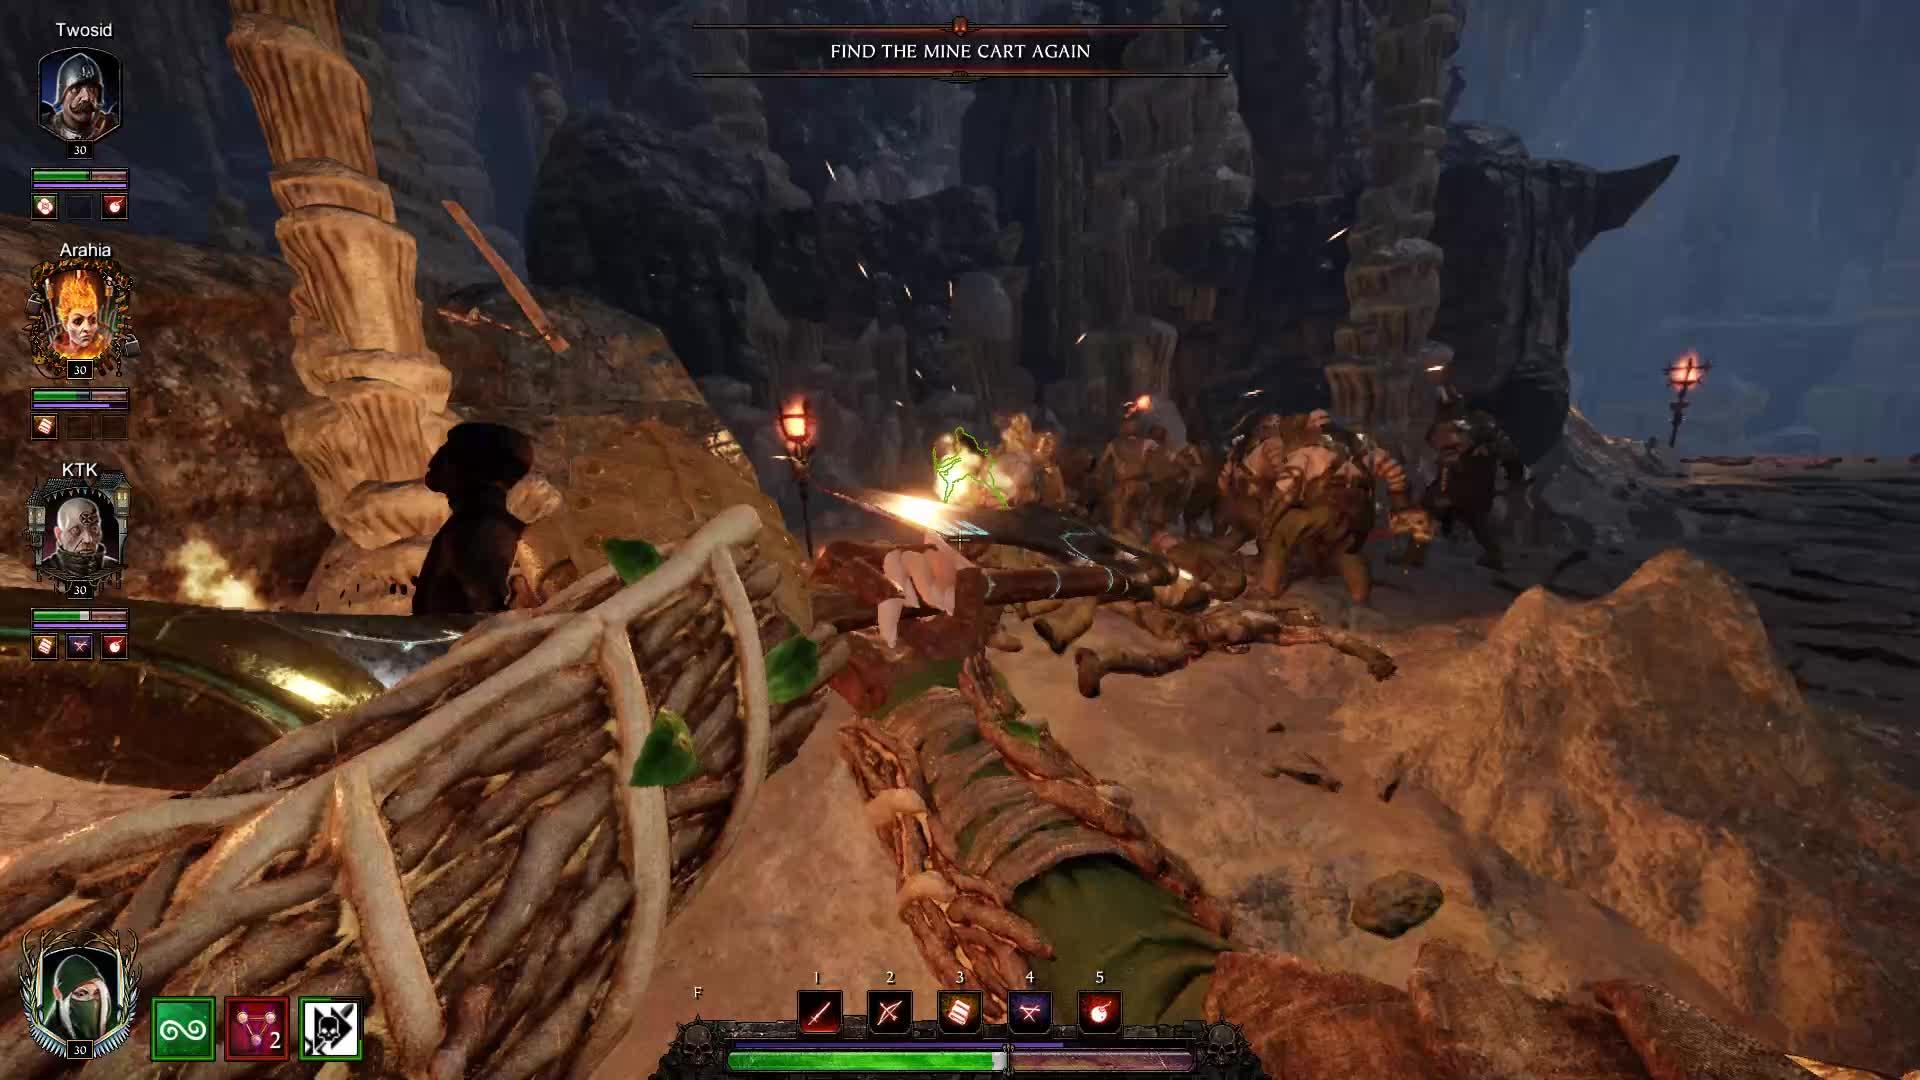 vermintide, Warhammer Vermintide 2 2019.02.28 - 01.26.54.05.DVR GIFs